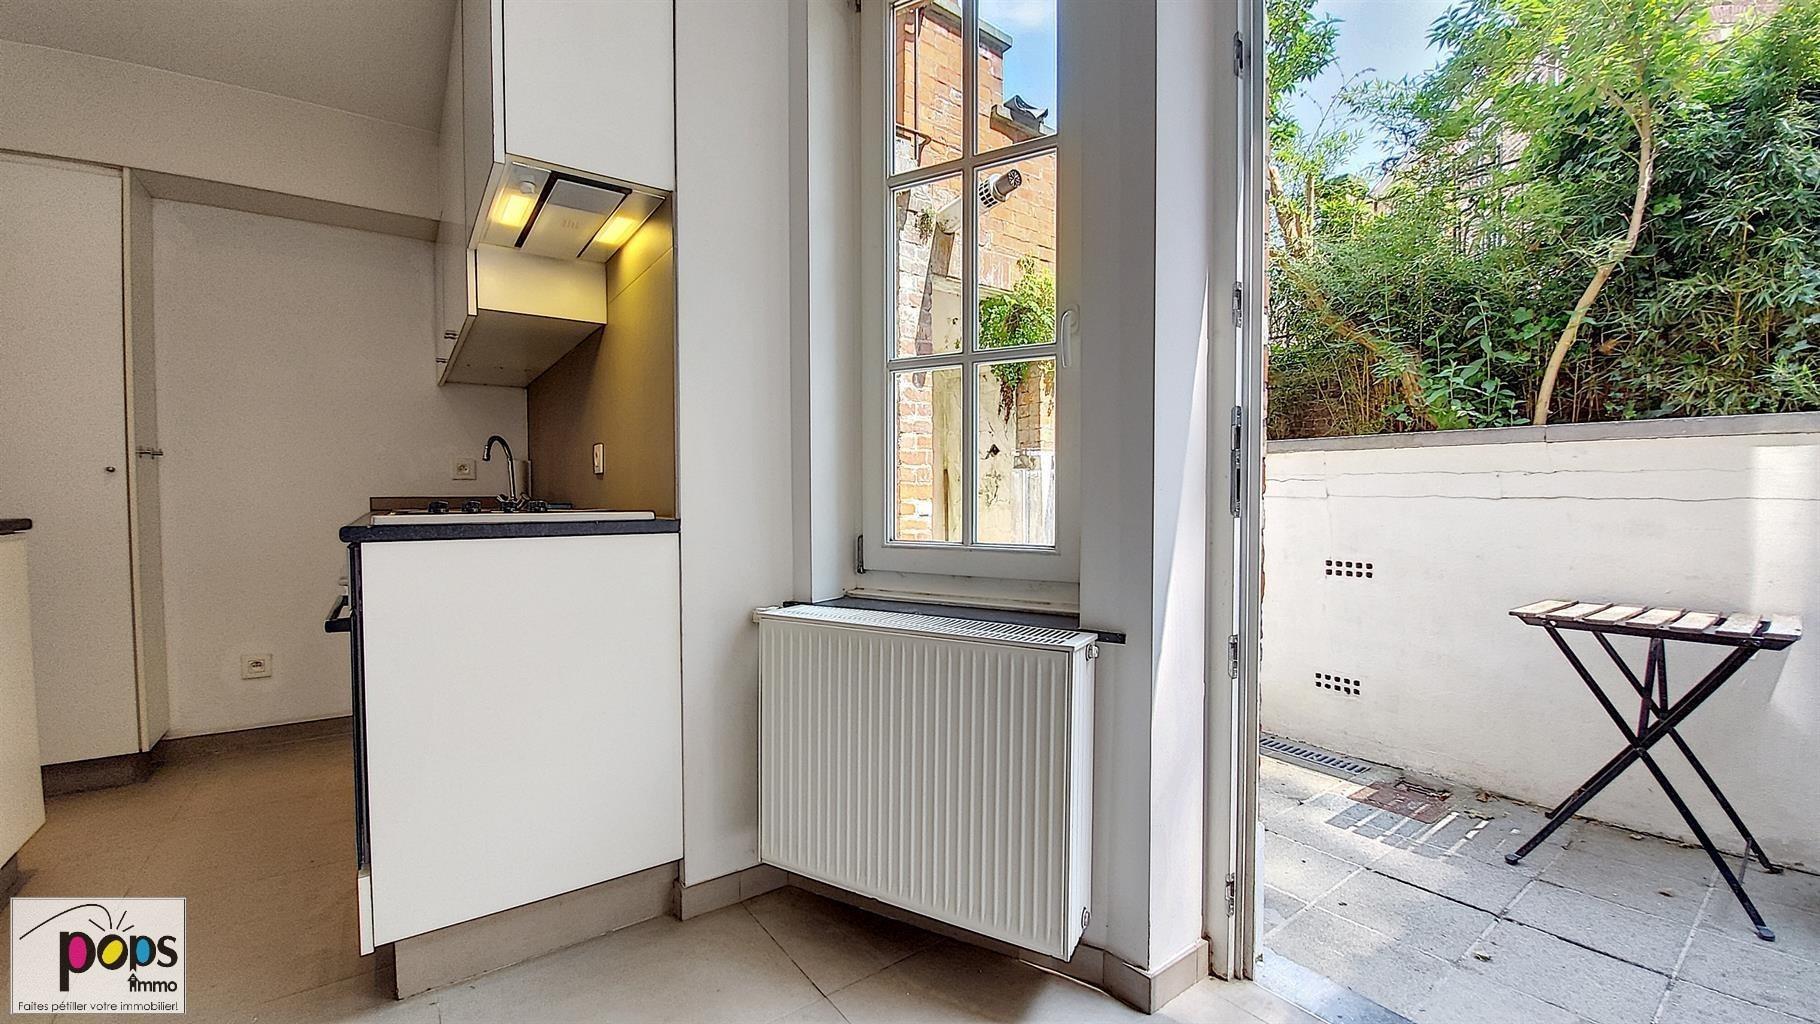 Appartement - Ixelles - #4388996-9